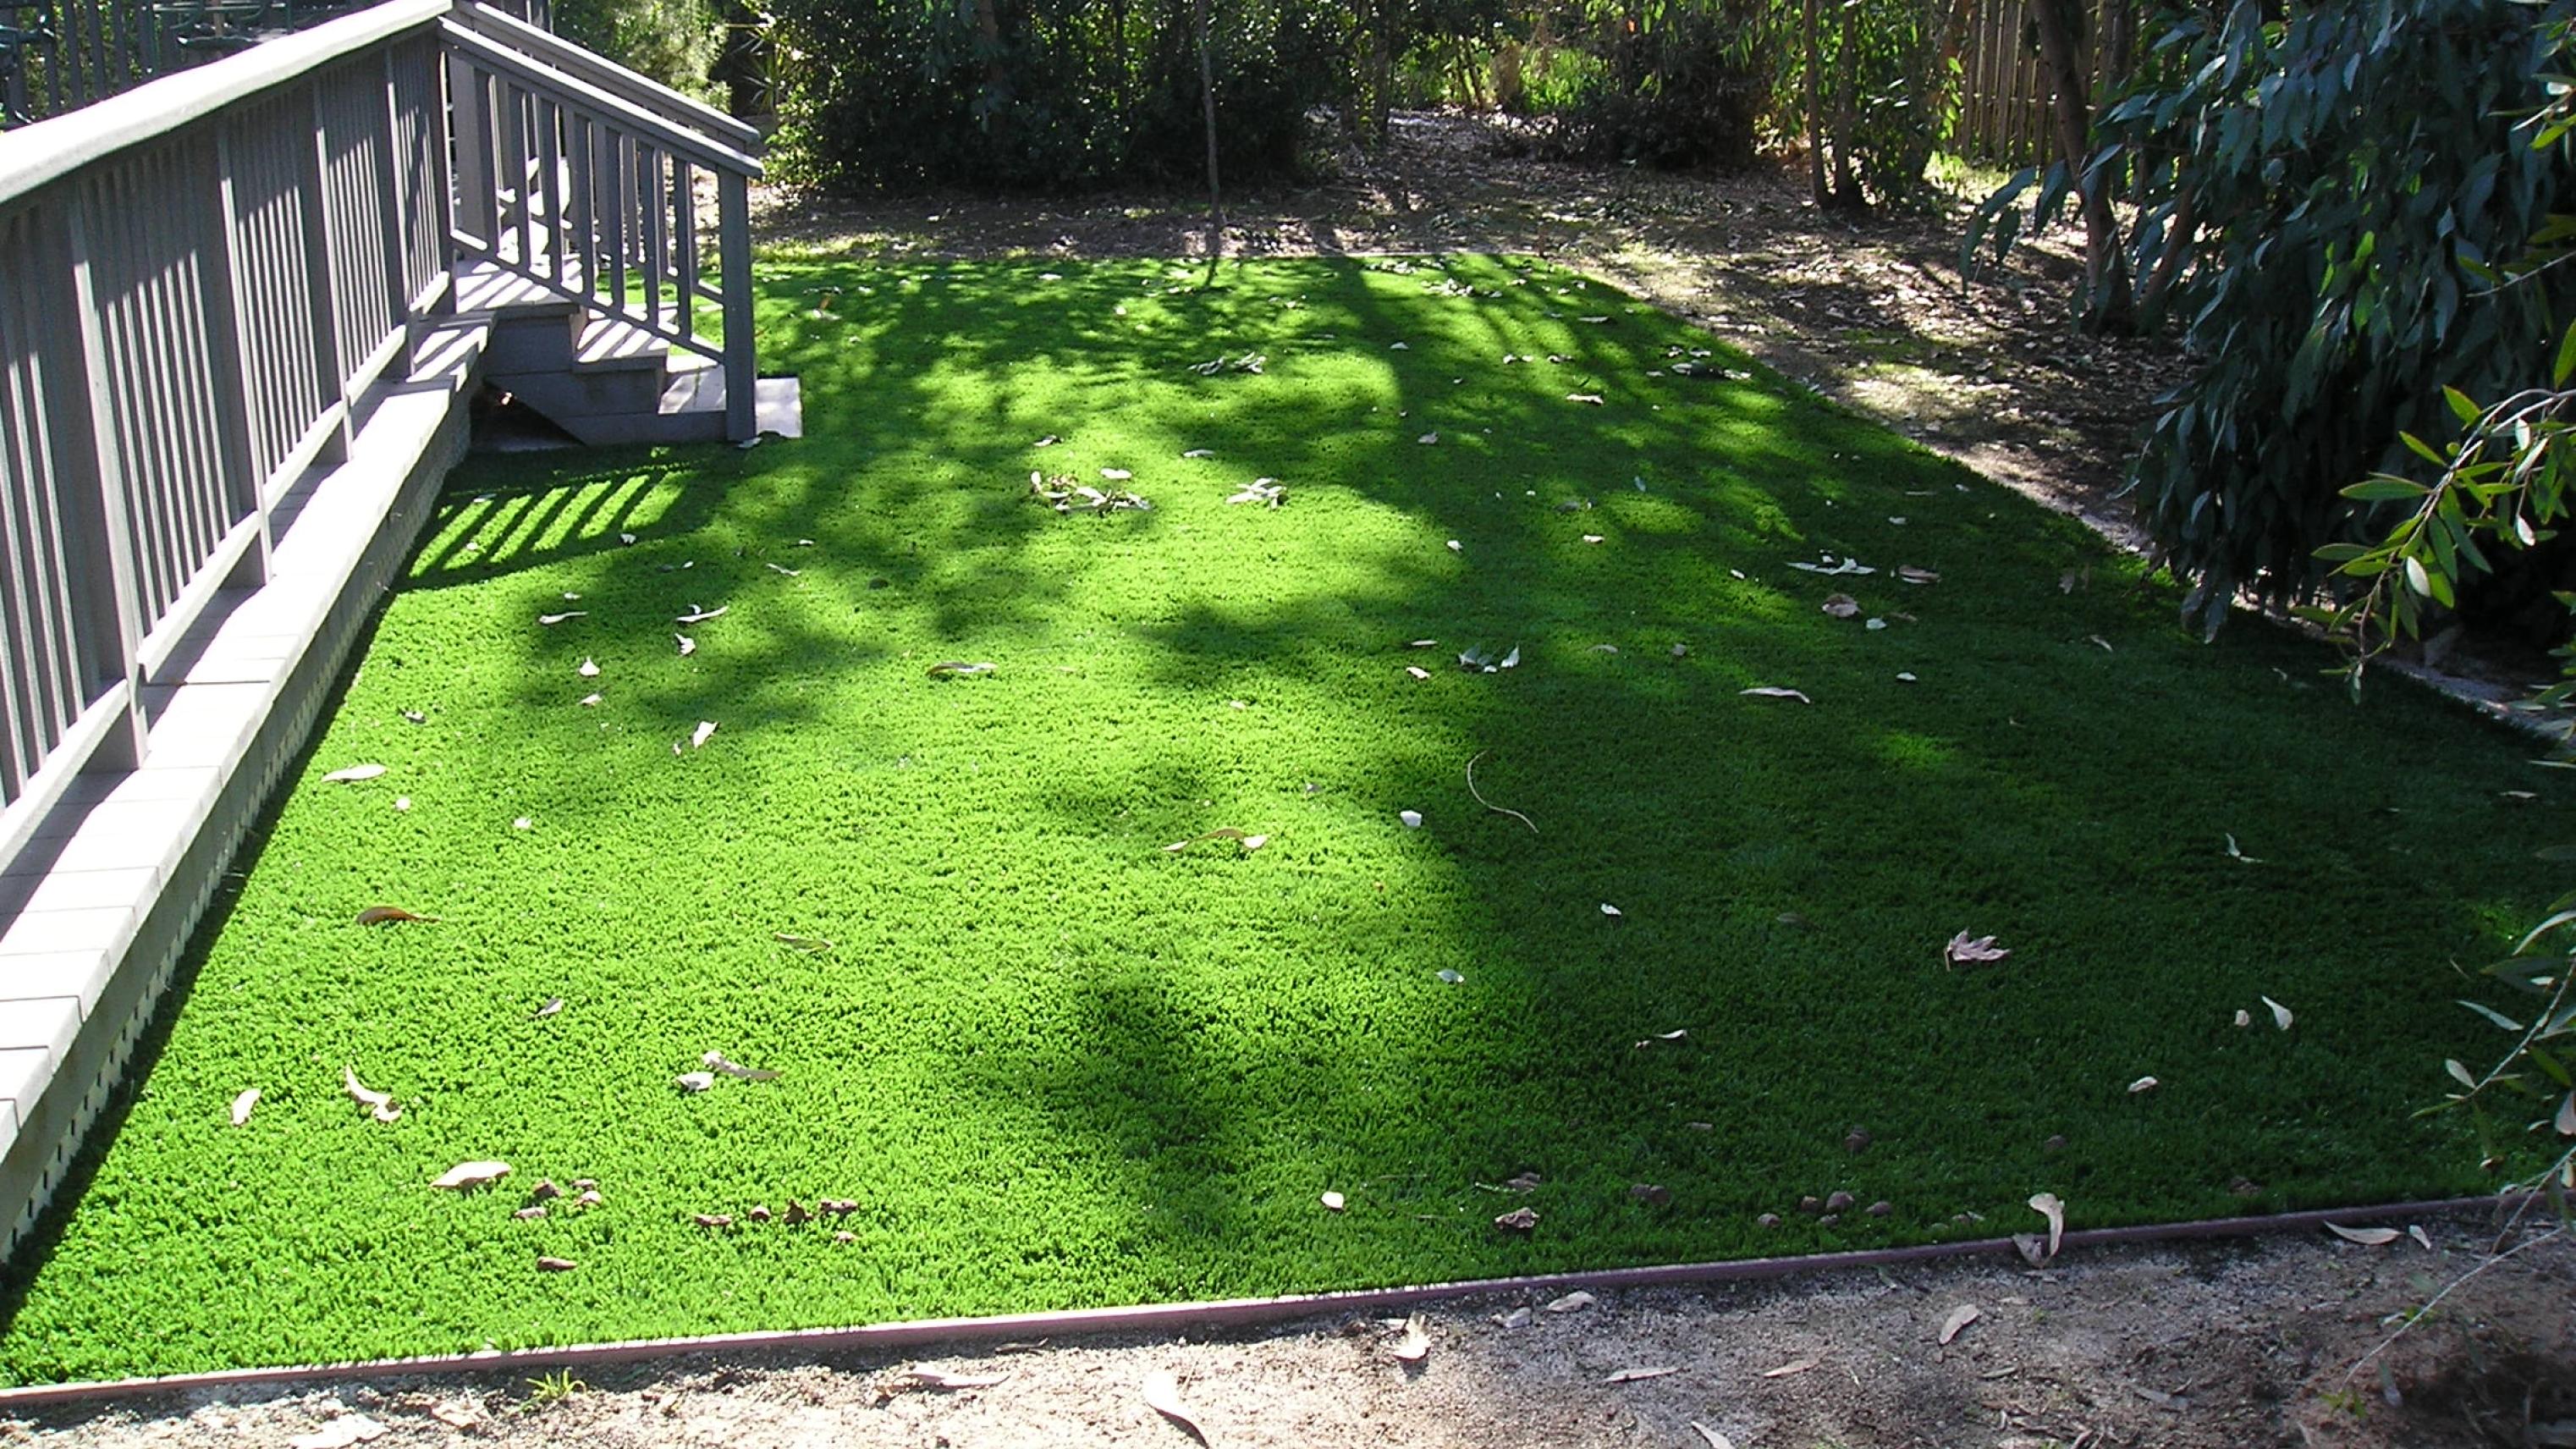 Riviera Monterey-84 best artificial grass,best fake grass,best synthetic grass,best turf,best artificial grass for home,artificial lawn,synthetic lawn,fake lawn,turf lawn,fake grass lawn